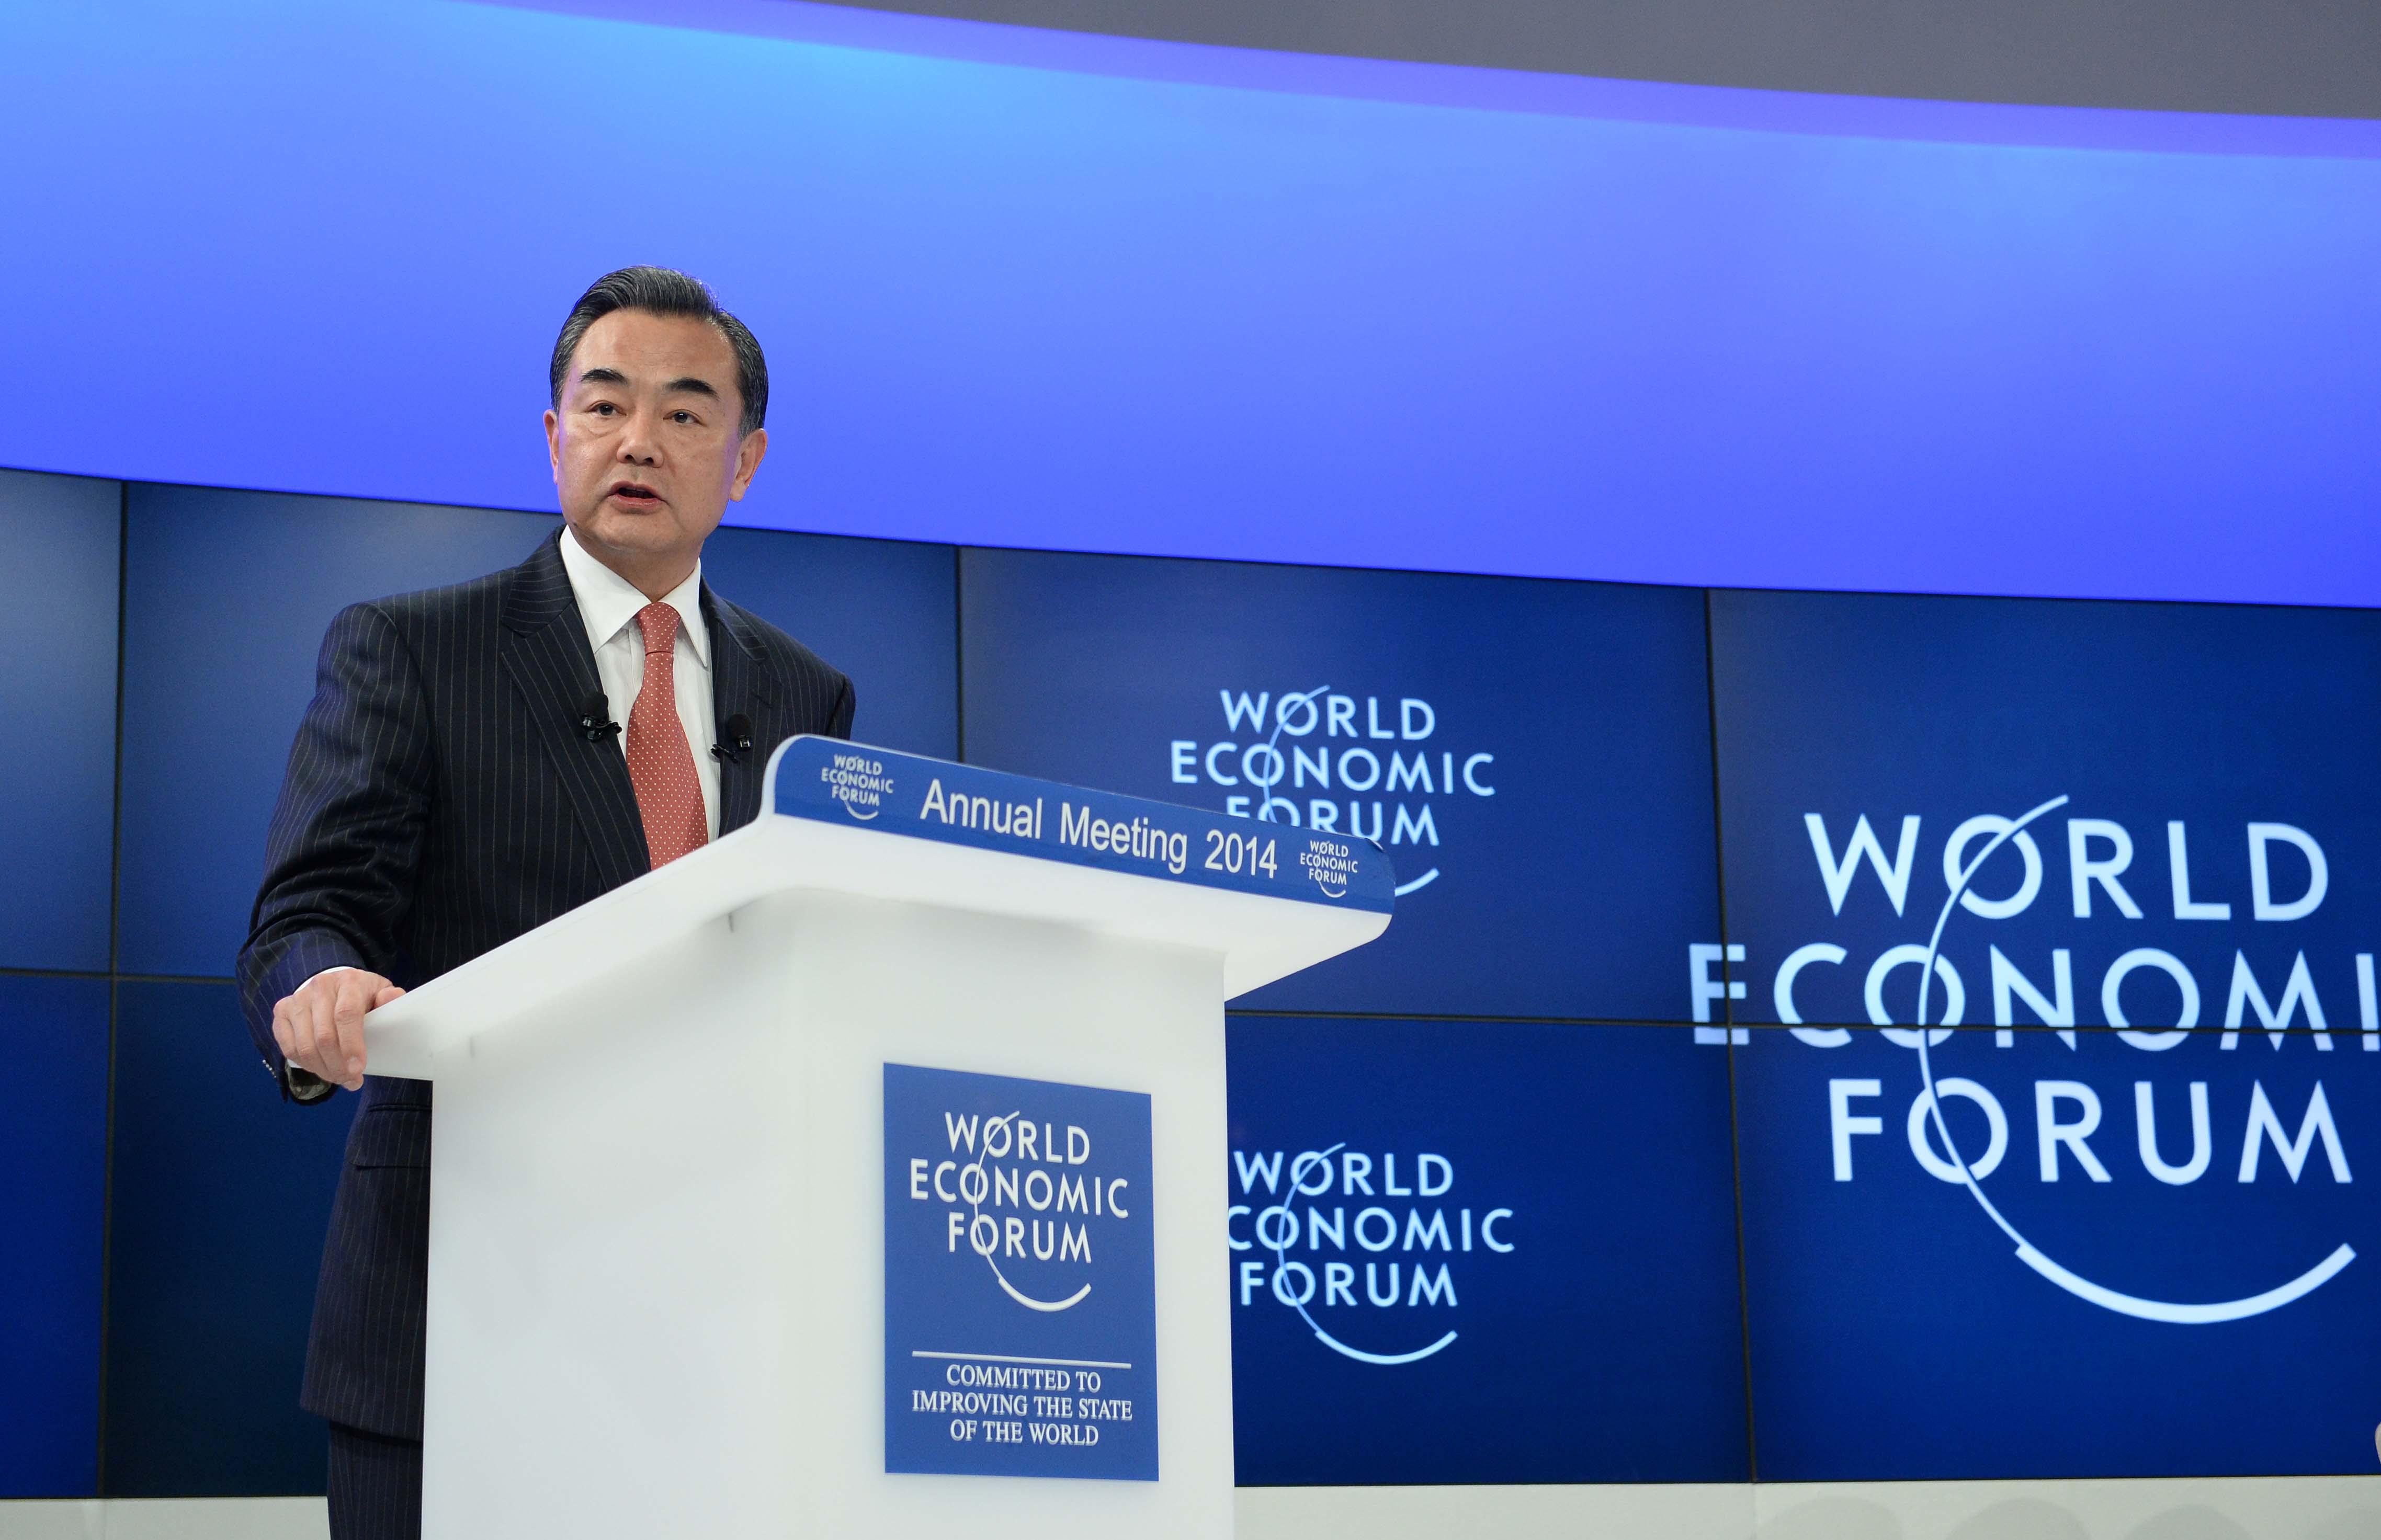 Davos 2014 : optimisme prudent à la conclusion de la rencontre